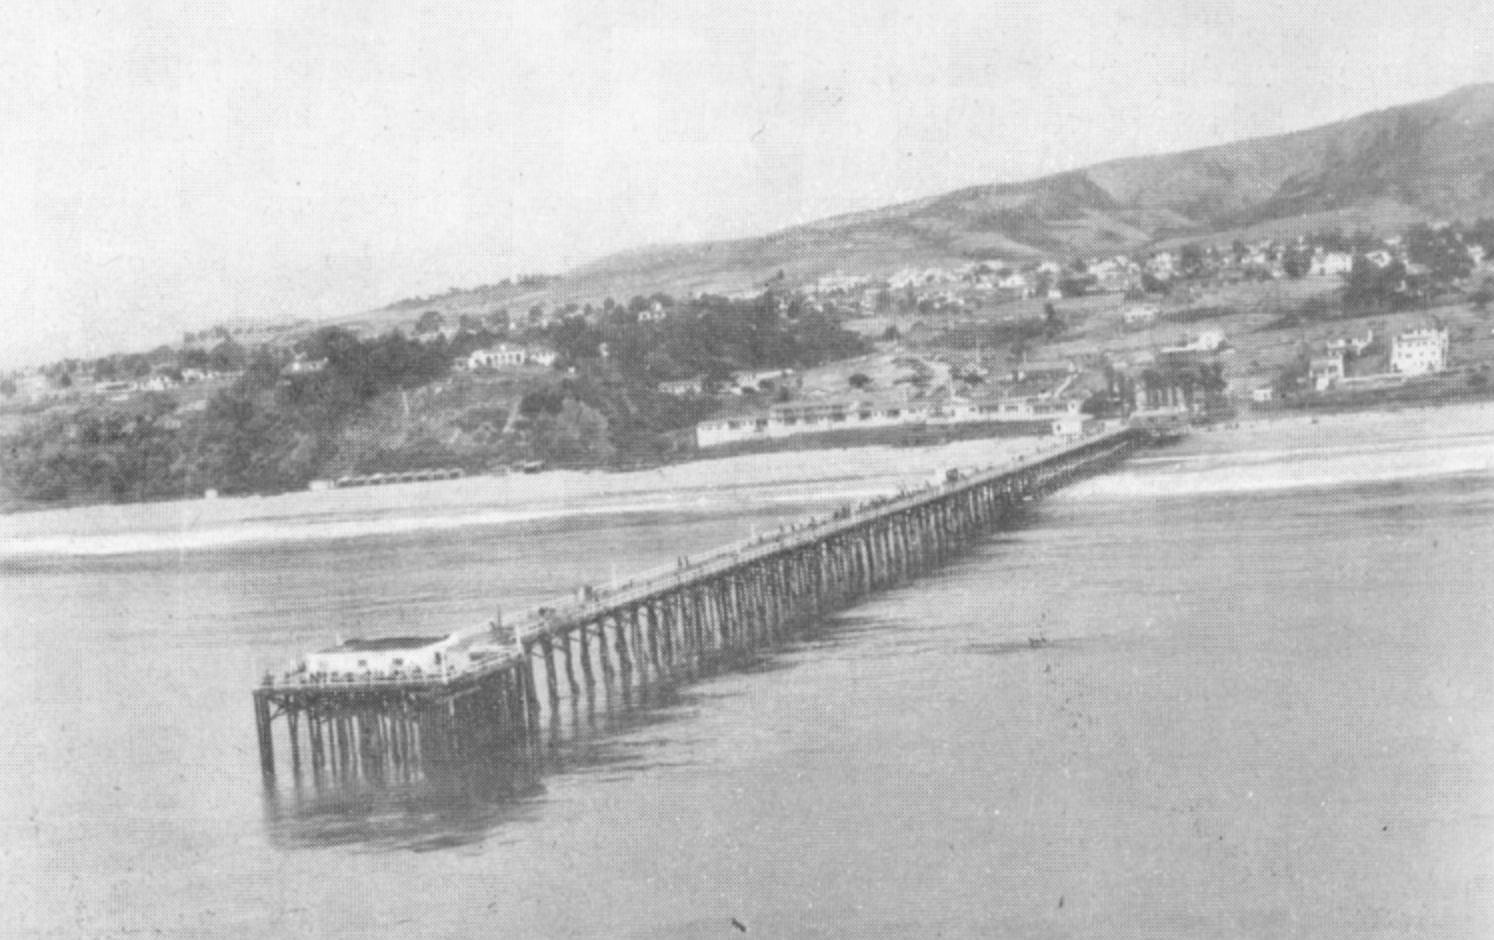 San Clemente Pleasure Pier